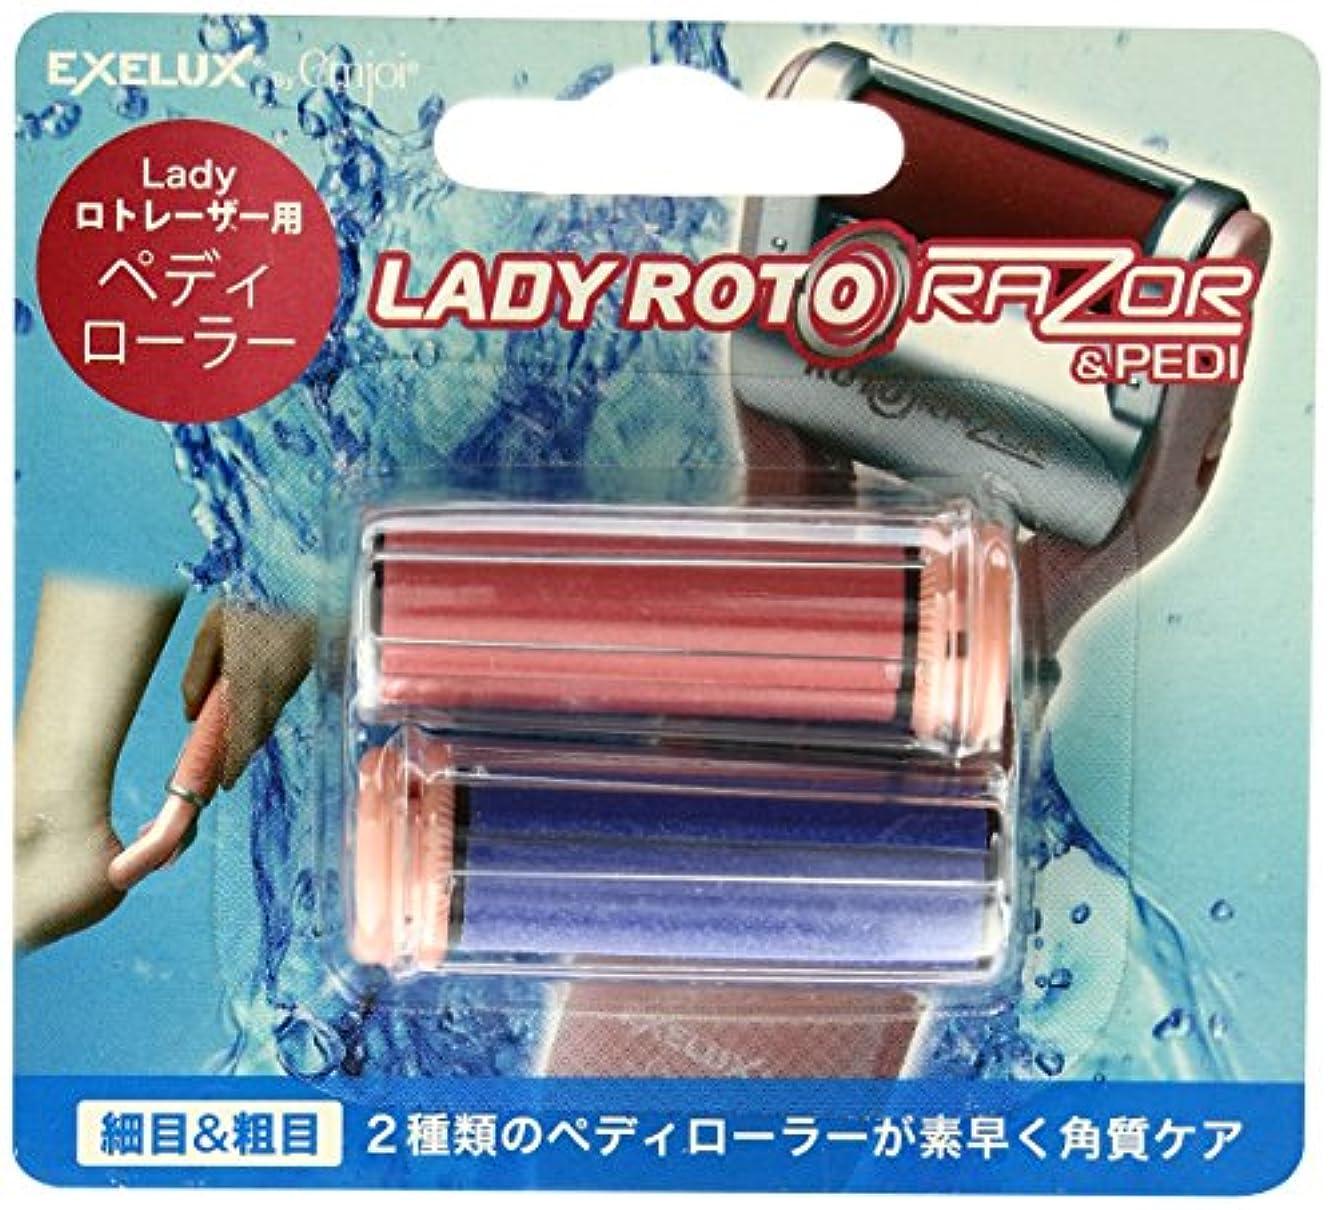 電気技師ドキドキ長いですmetex Lady ロトレーザー & Pedi用ペディローラー EJRR-LP2